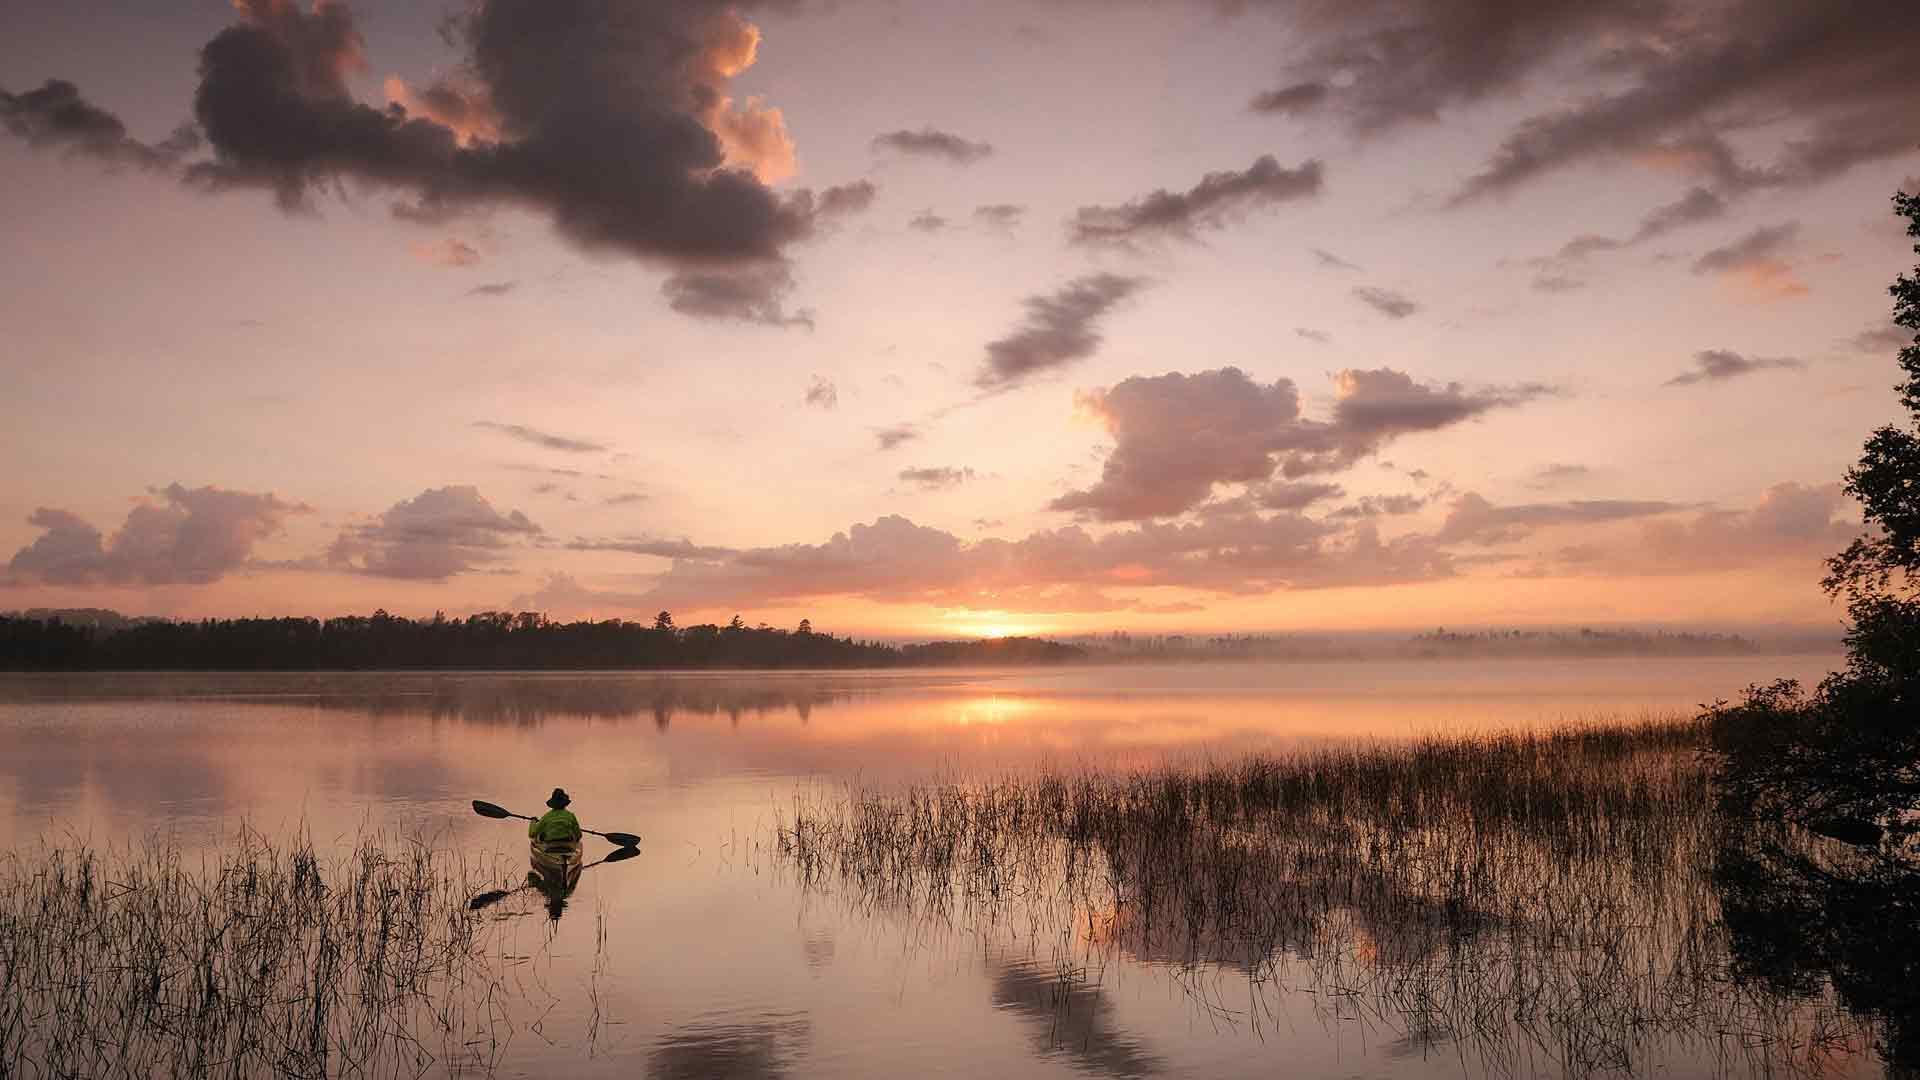 Рыбалка на озере вечерняя рыбалка на